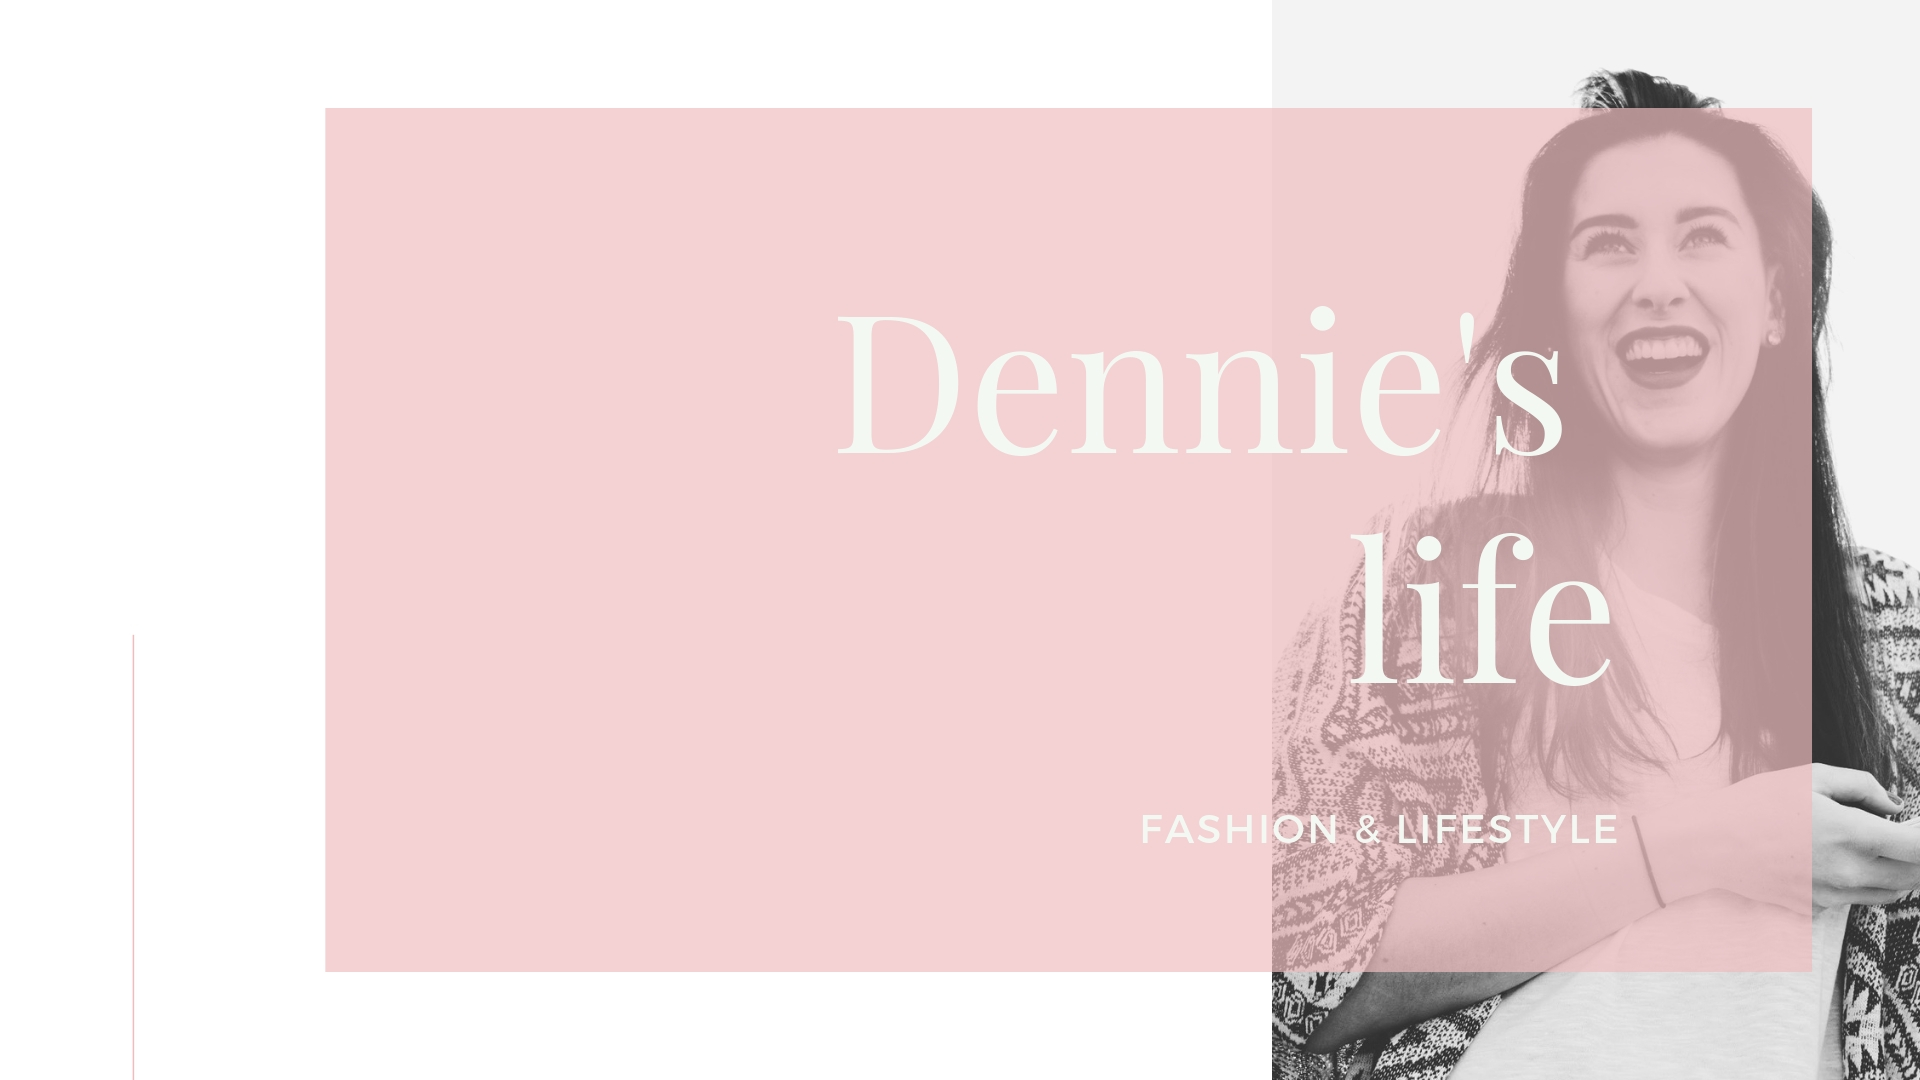 Dennie's life